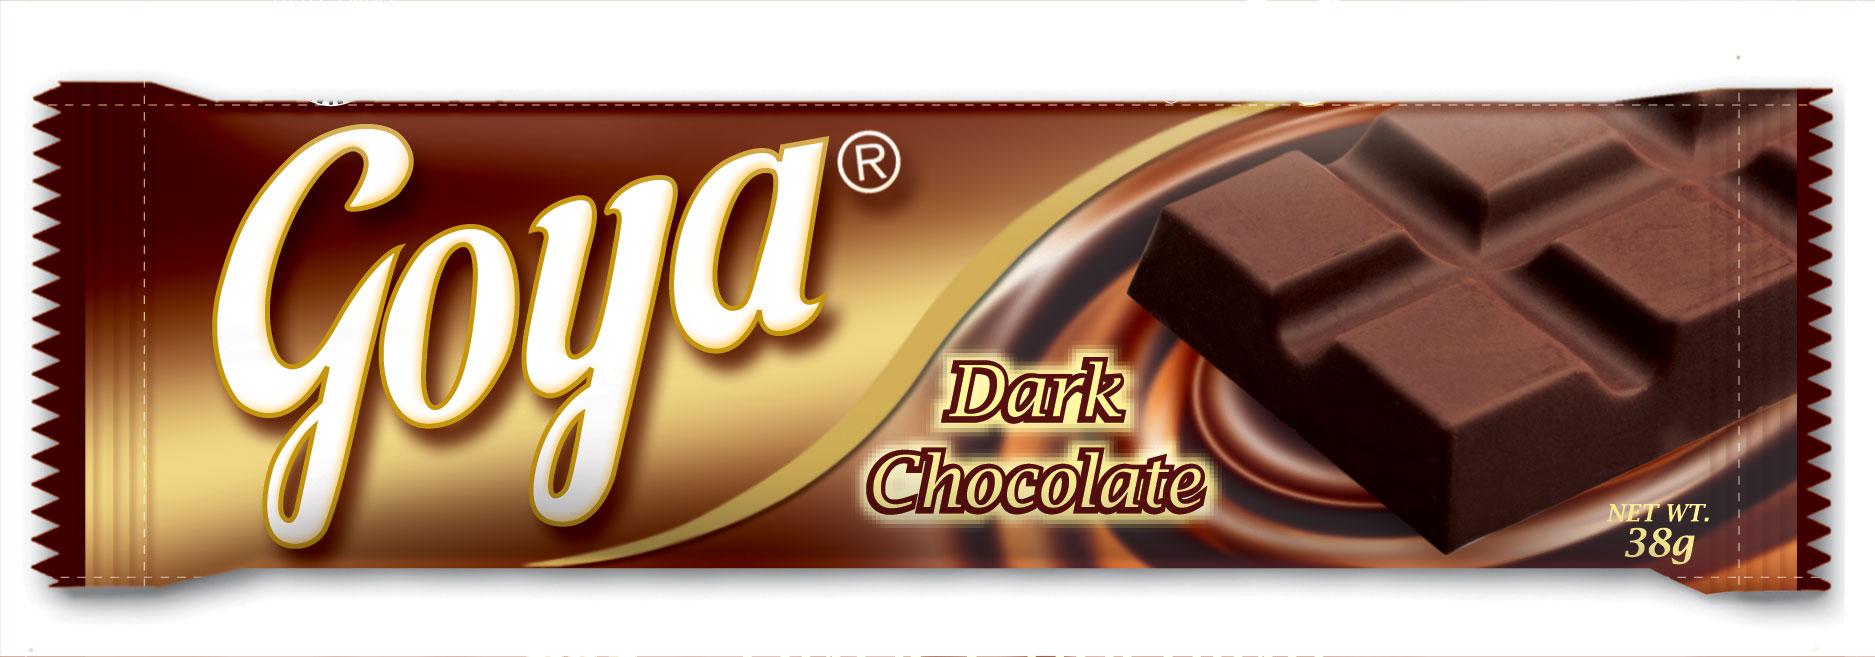 Goya Chocolates